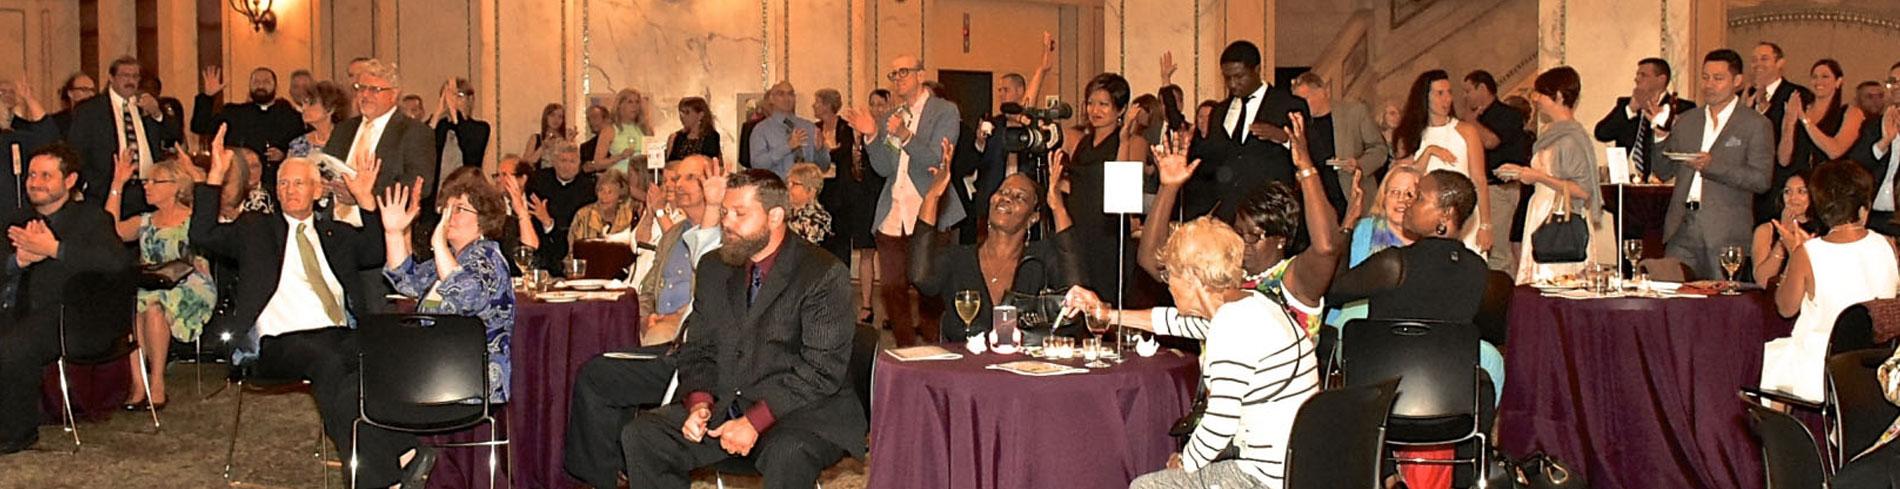 Un gran evento realizado por la Sociedad Auditiva de Chicago para ayudar a recaudar fondos. Mucha gente feliz levanta sus manos para ofertar para artículos en subasta.